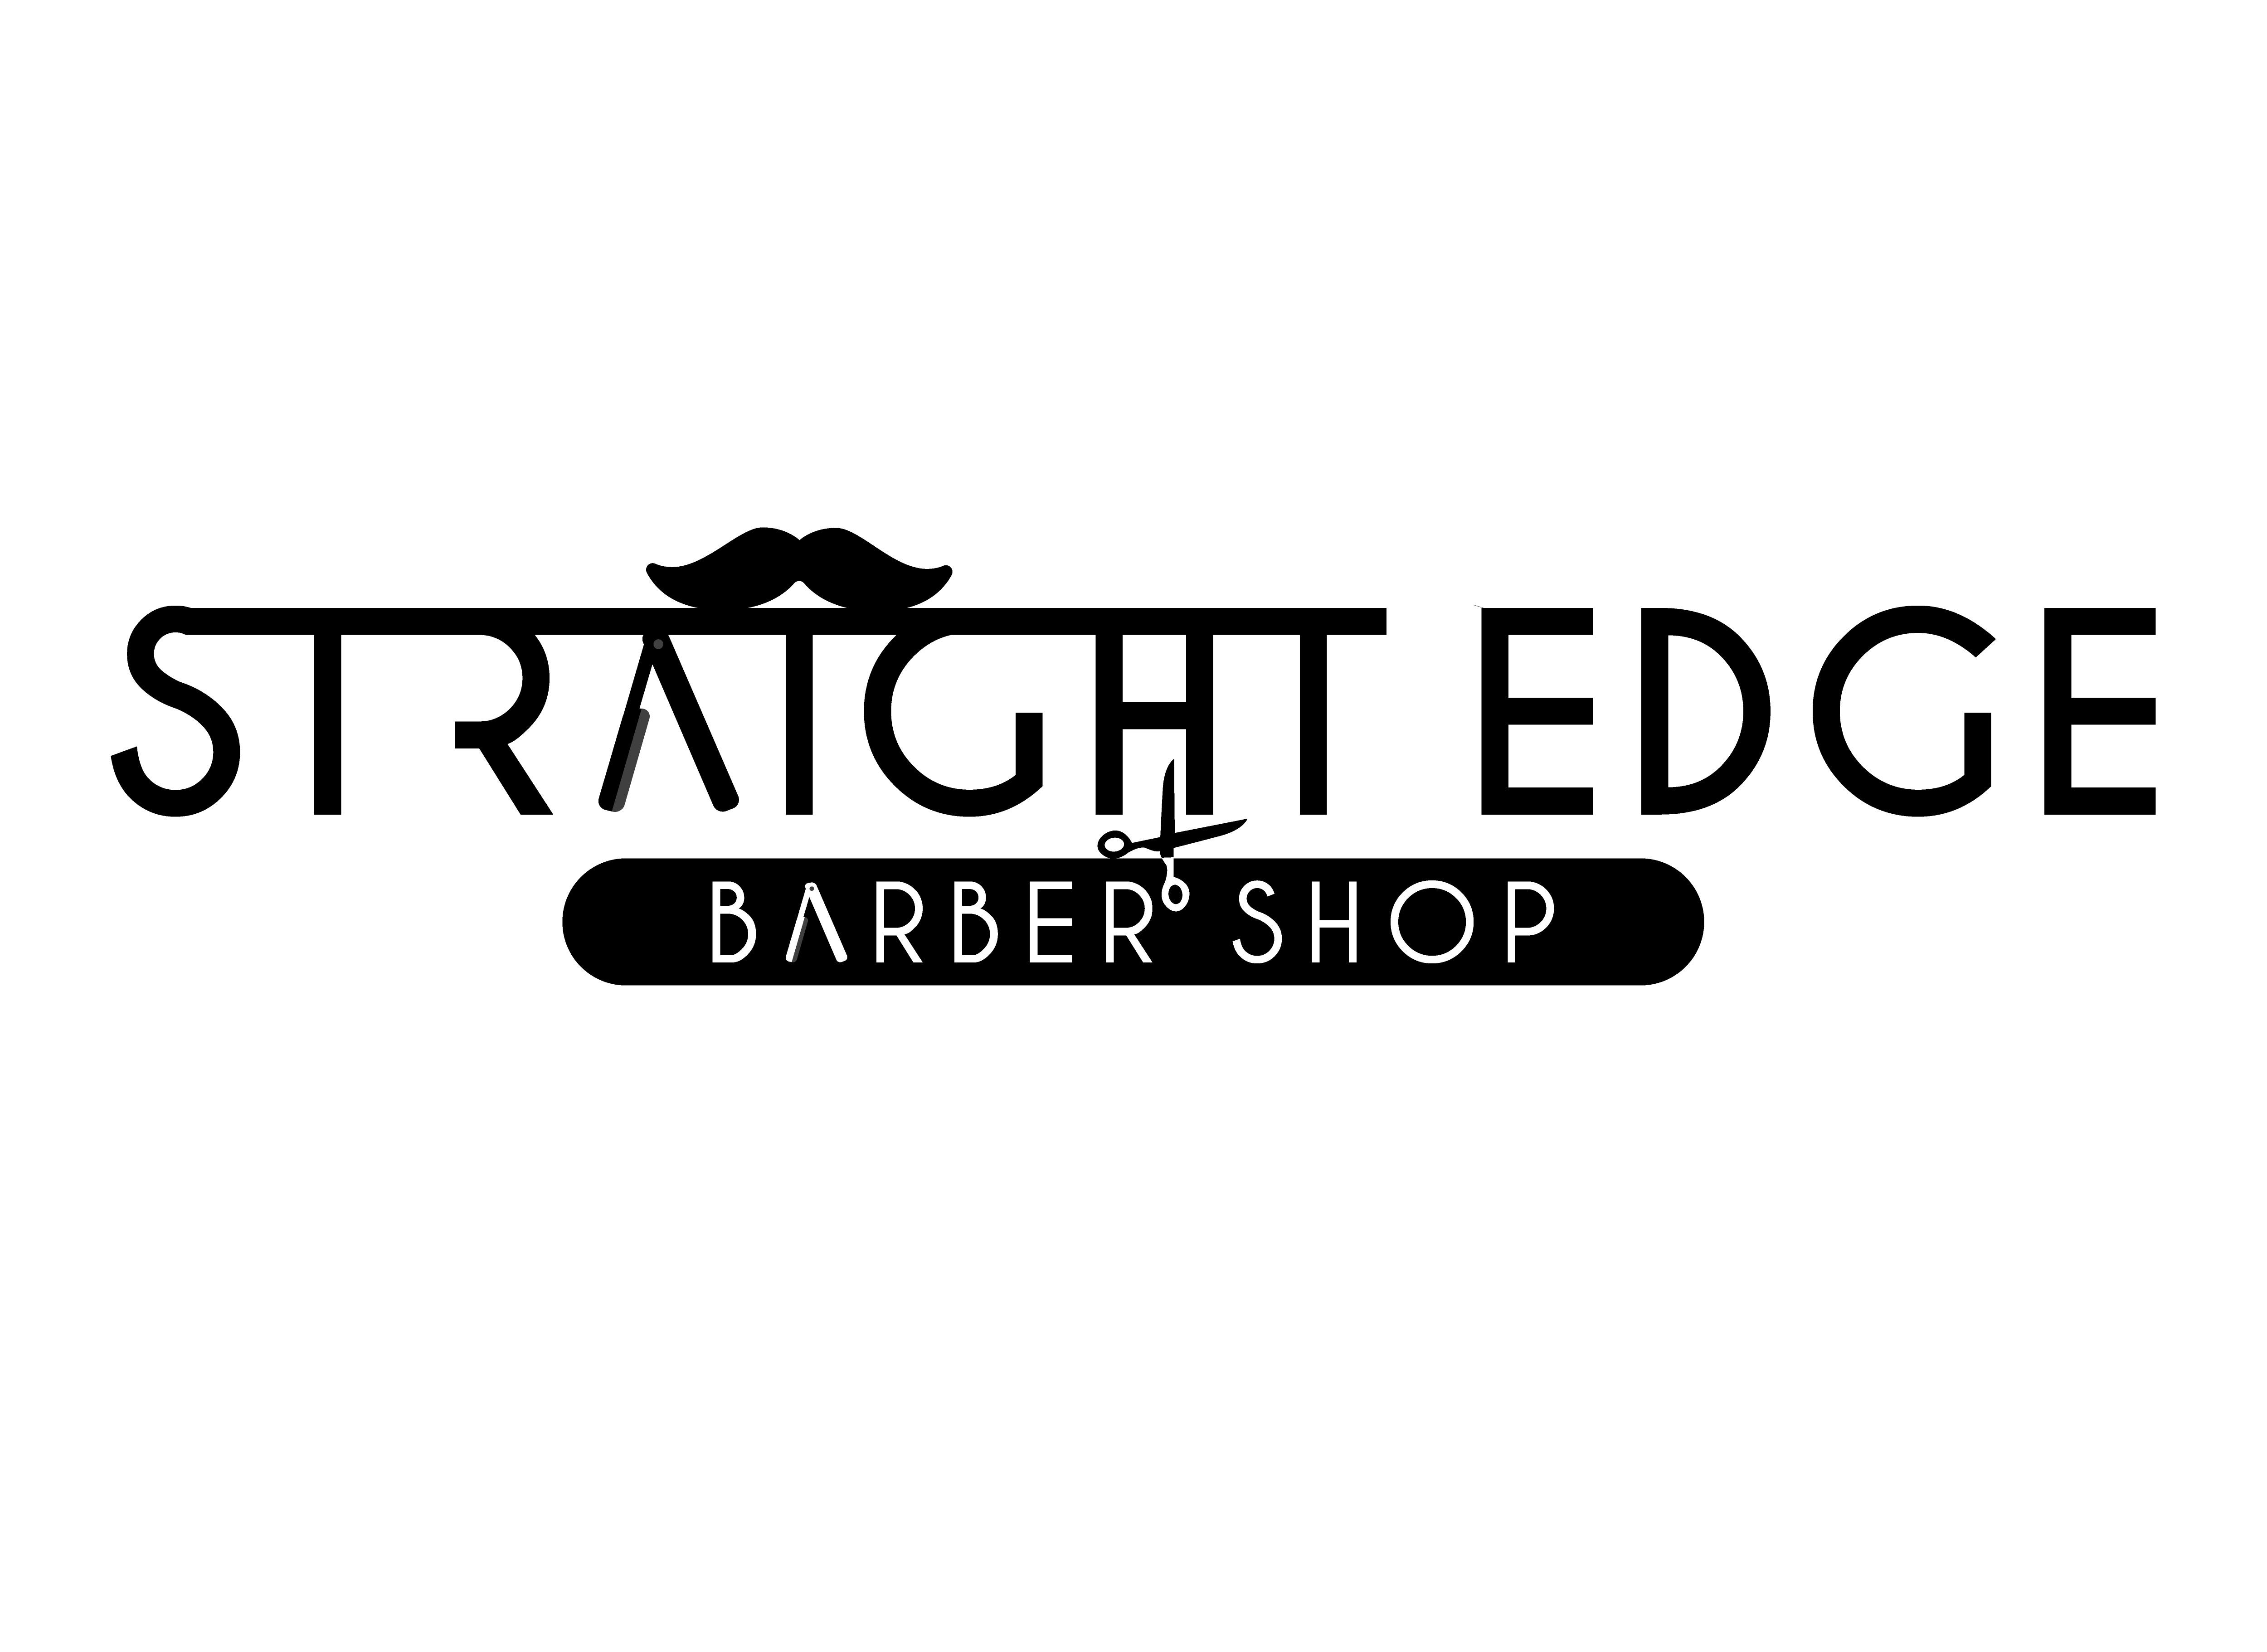 Straight Edge Barbershop - Mens Grooming modern day Barbershop!